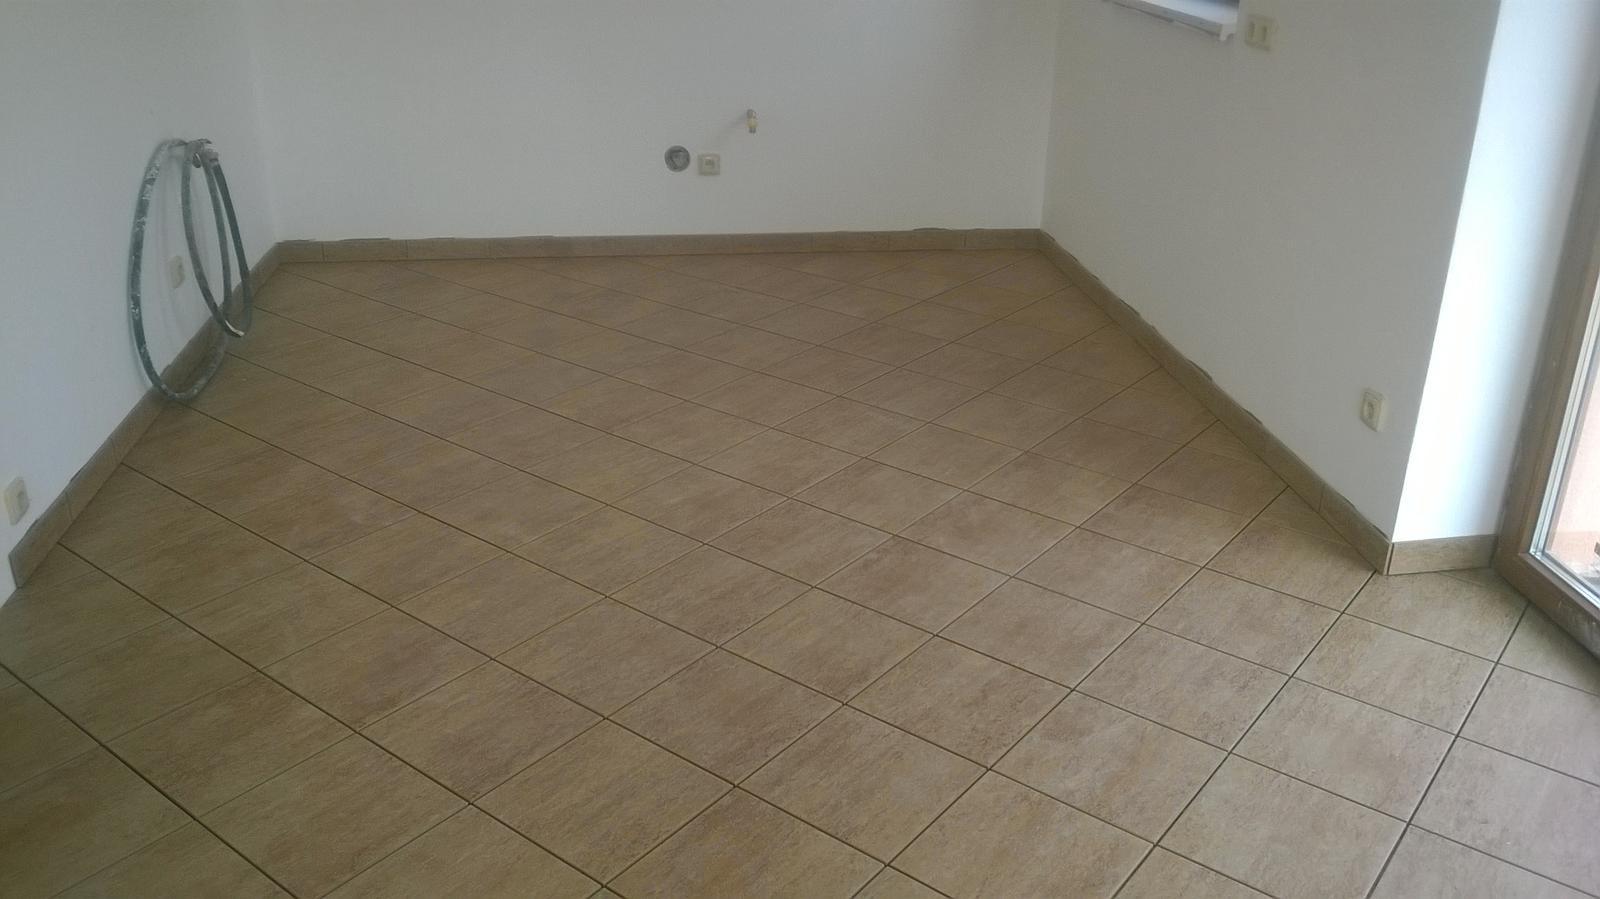 Stavba pasivního domu - dlažba v zatím osamělé kuchyni...